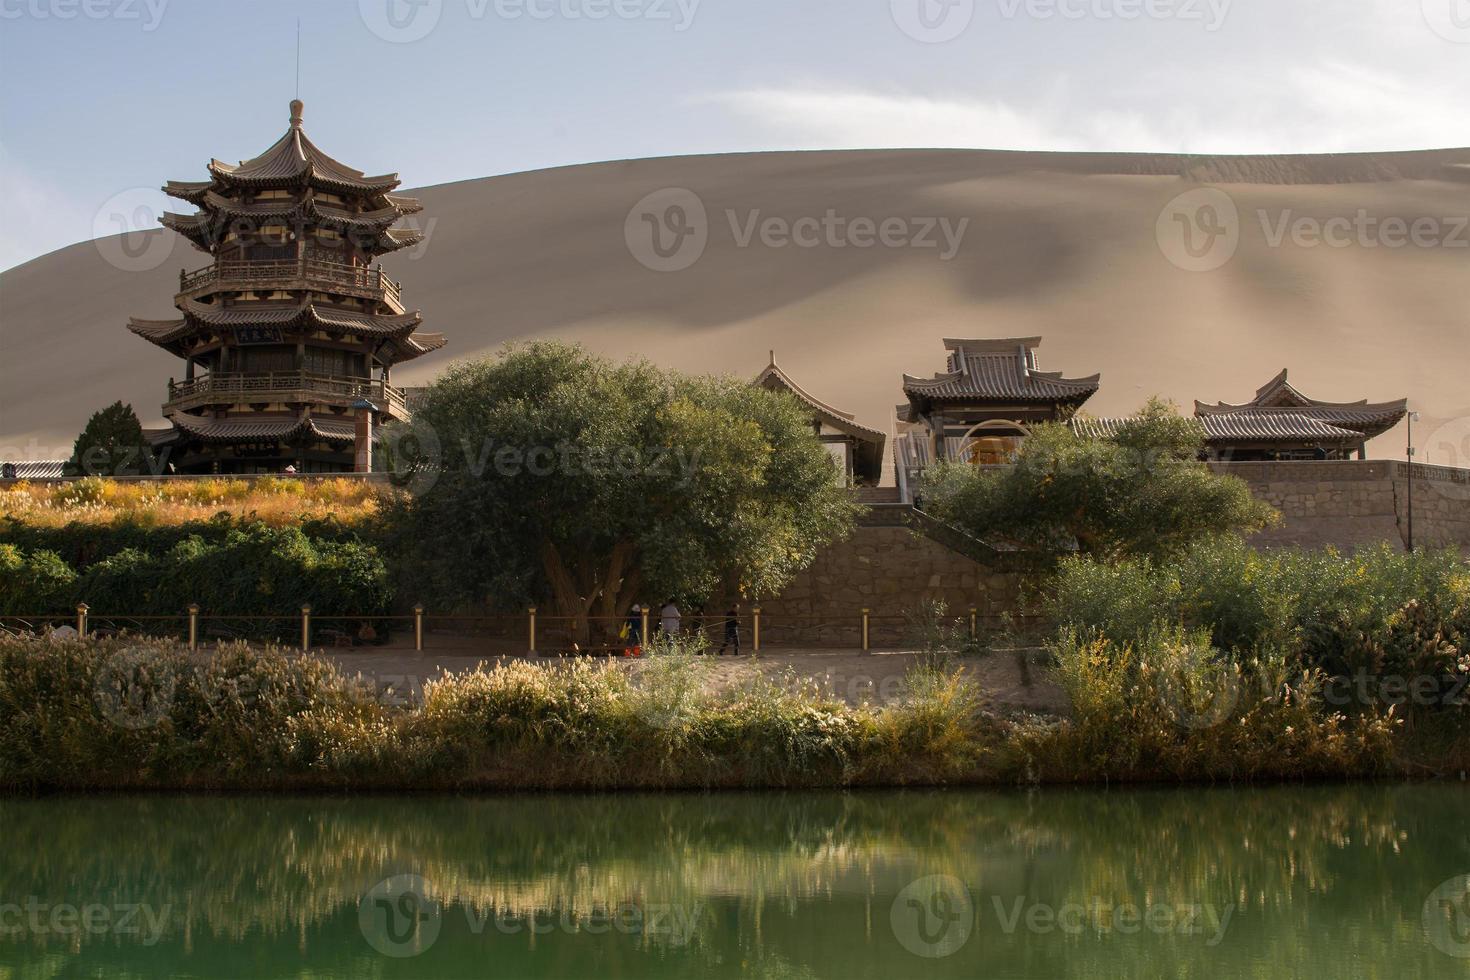 padiglione cinese vicino al lago a mezzaluna foto